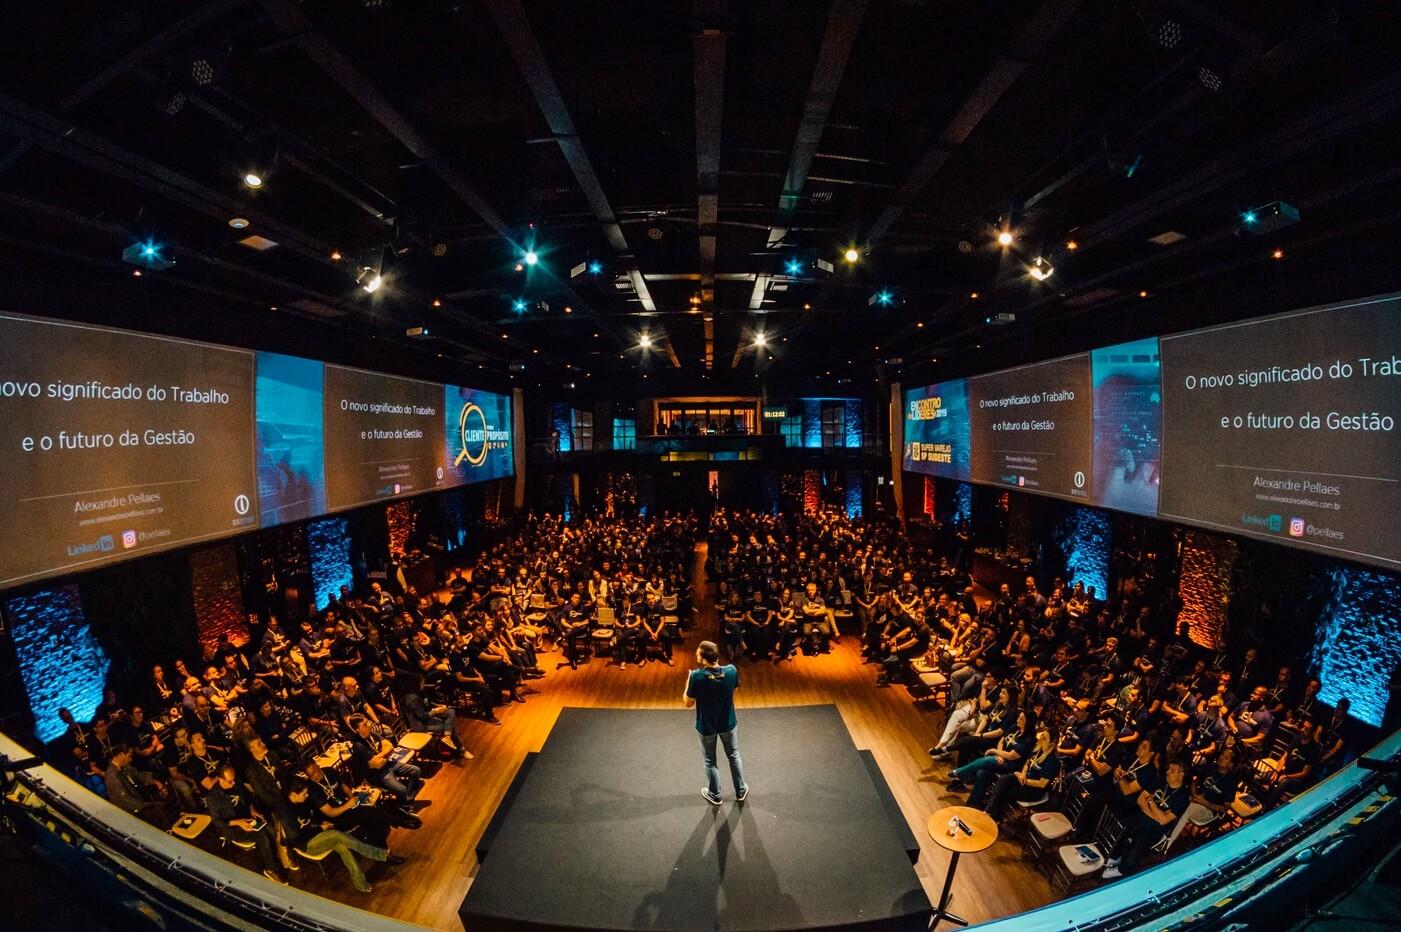 Darstellung eines Speaker Panels mit einer Person auf der Bühne und vielen Zuschauern.